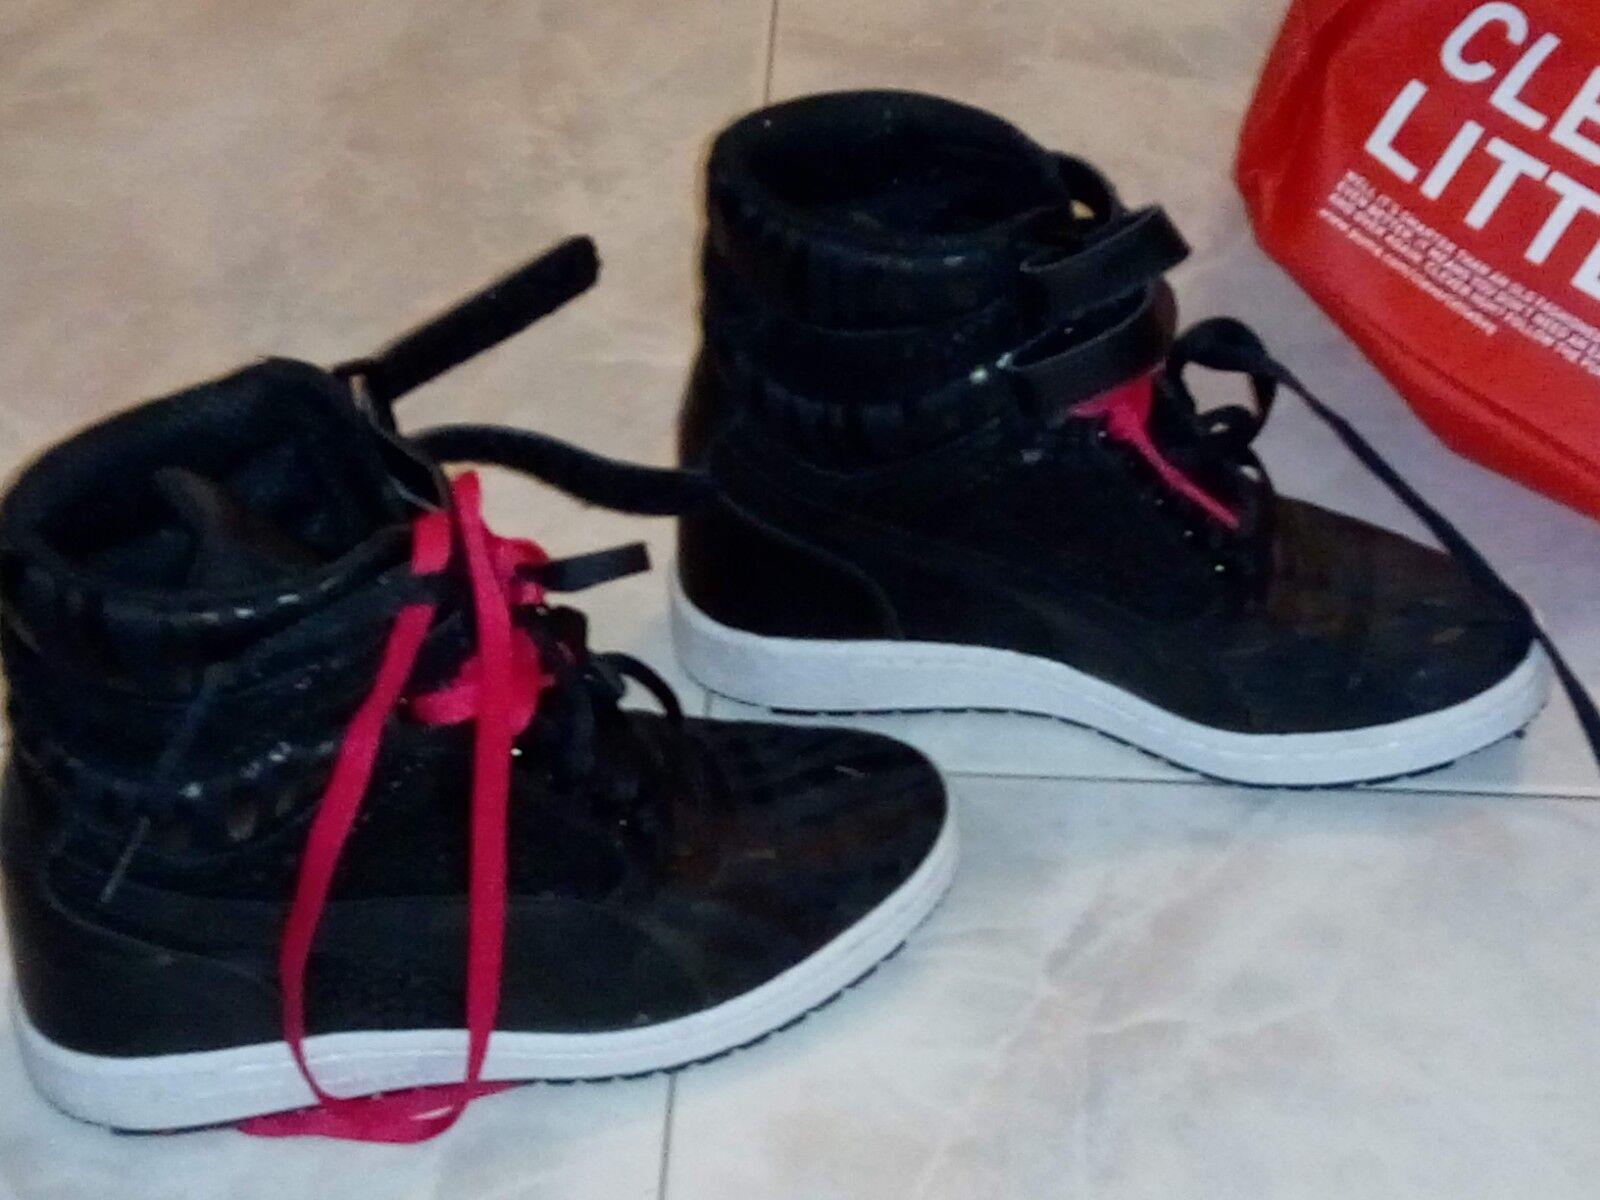 Puma sky wedge reptile sneaker sneaker sneaker nere e rosa f10ce4